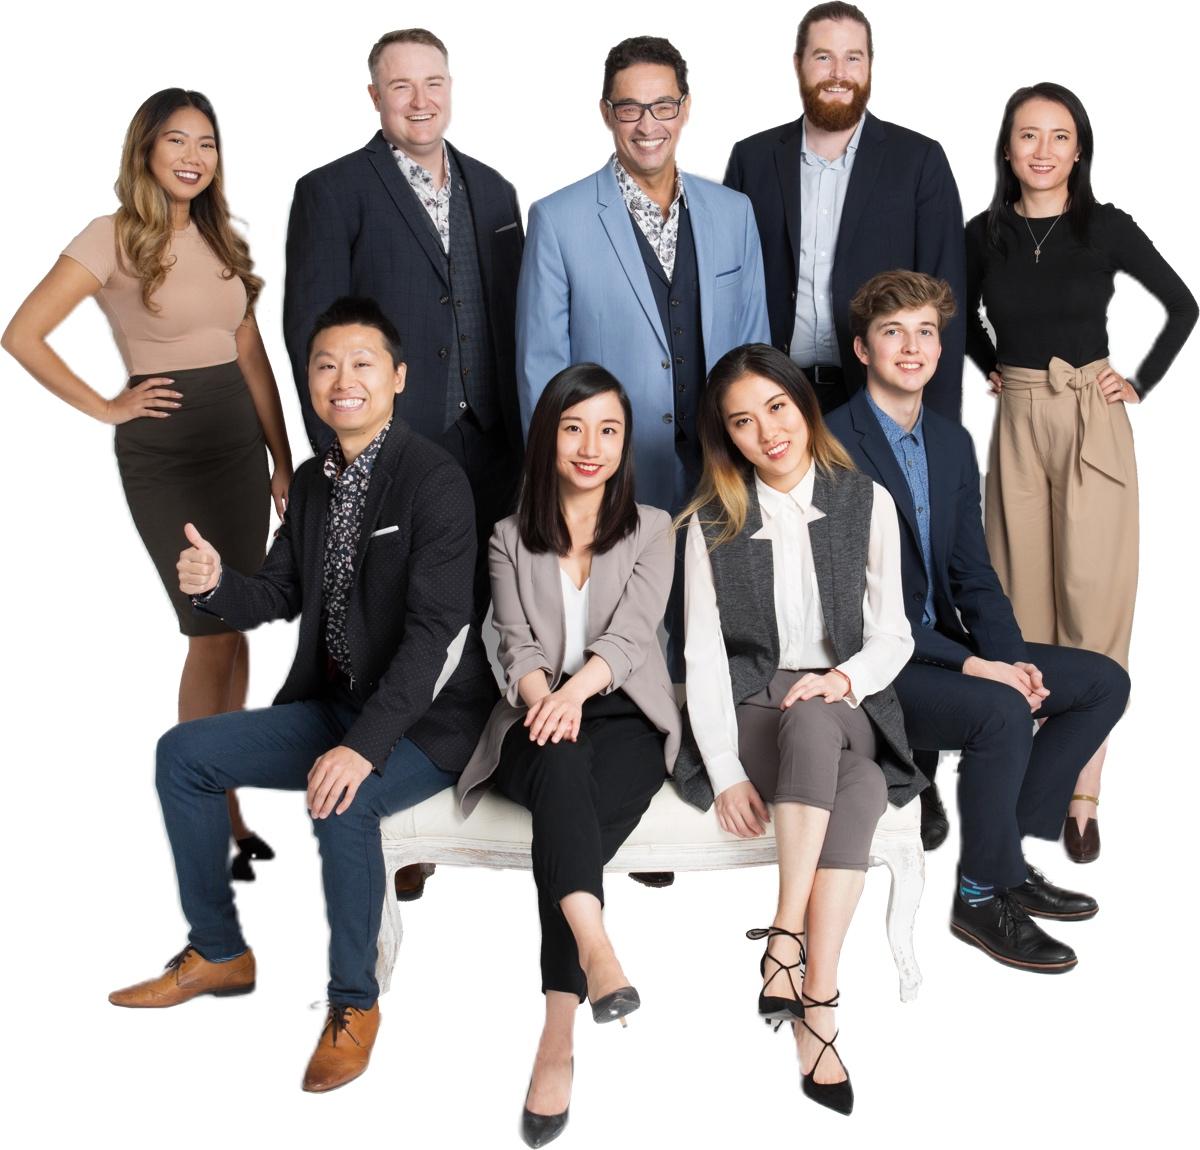 Genesa CPA Accountants team